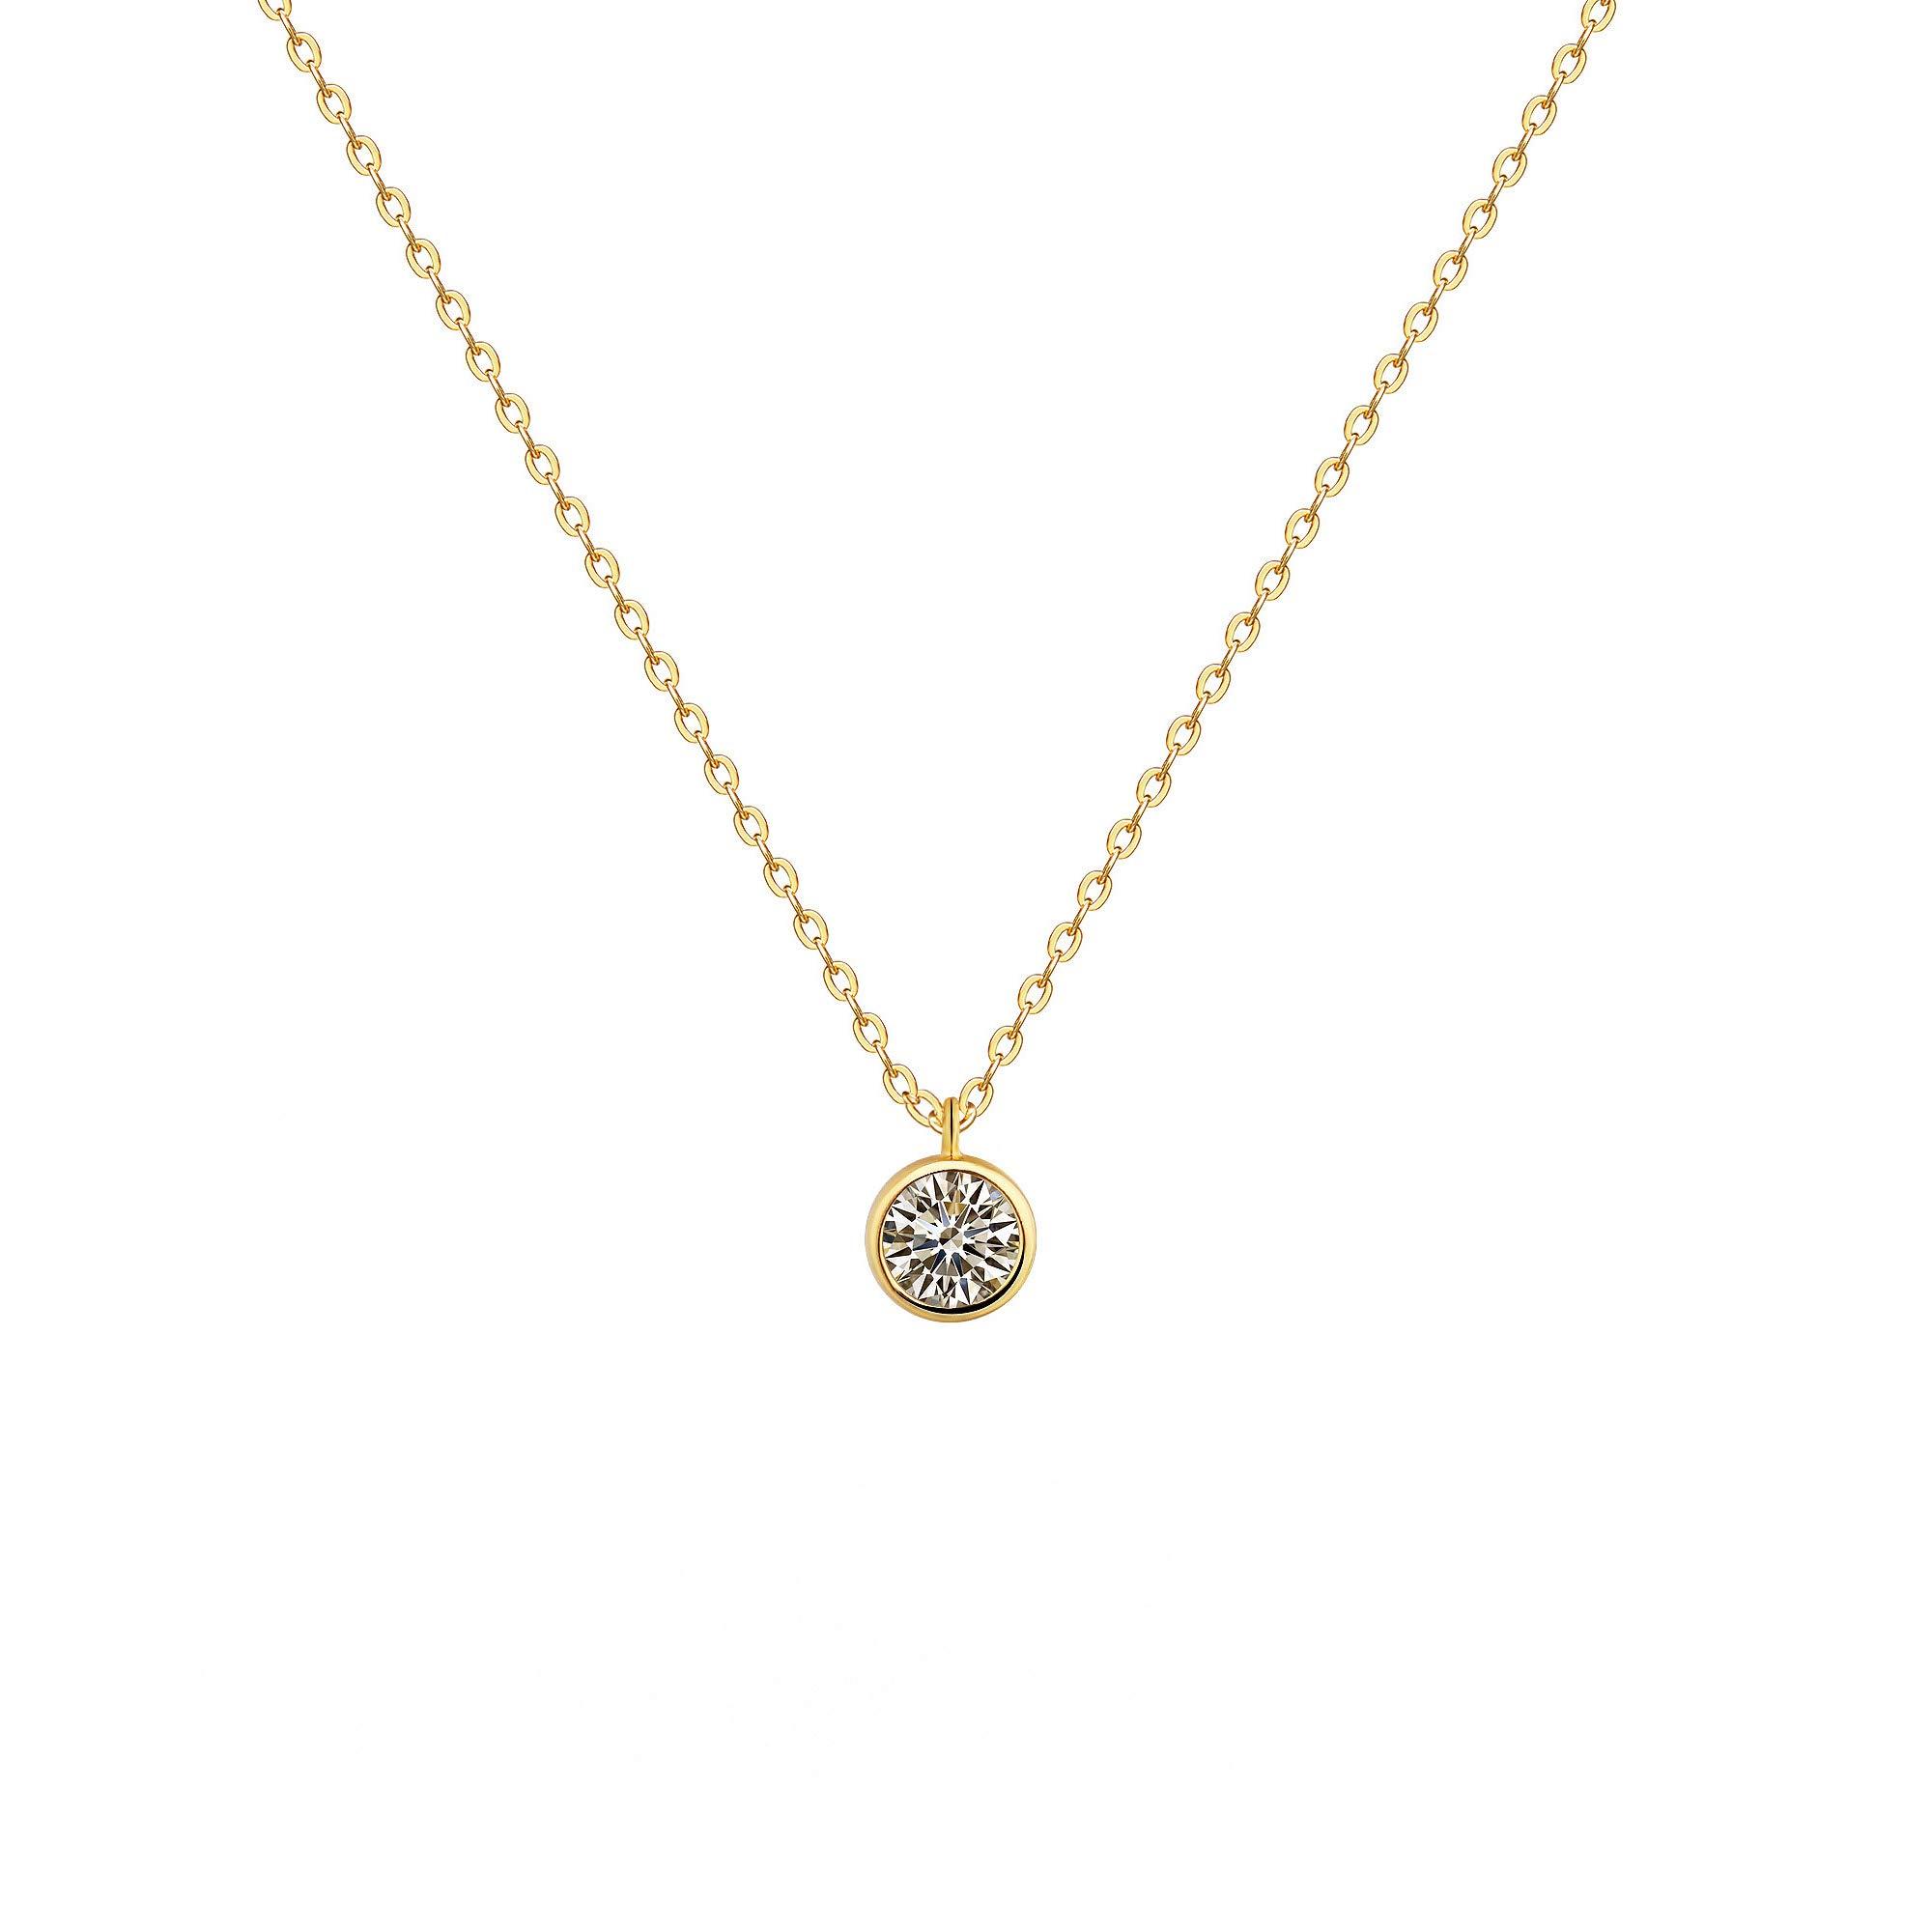 Fettero Cubic Zirconia Pendant Necklace,14K Gold Plated Round Cut CZ Bezel Set Solitaire Necklaces Women,16.5''-L